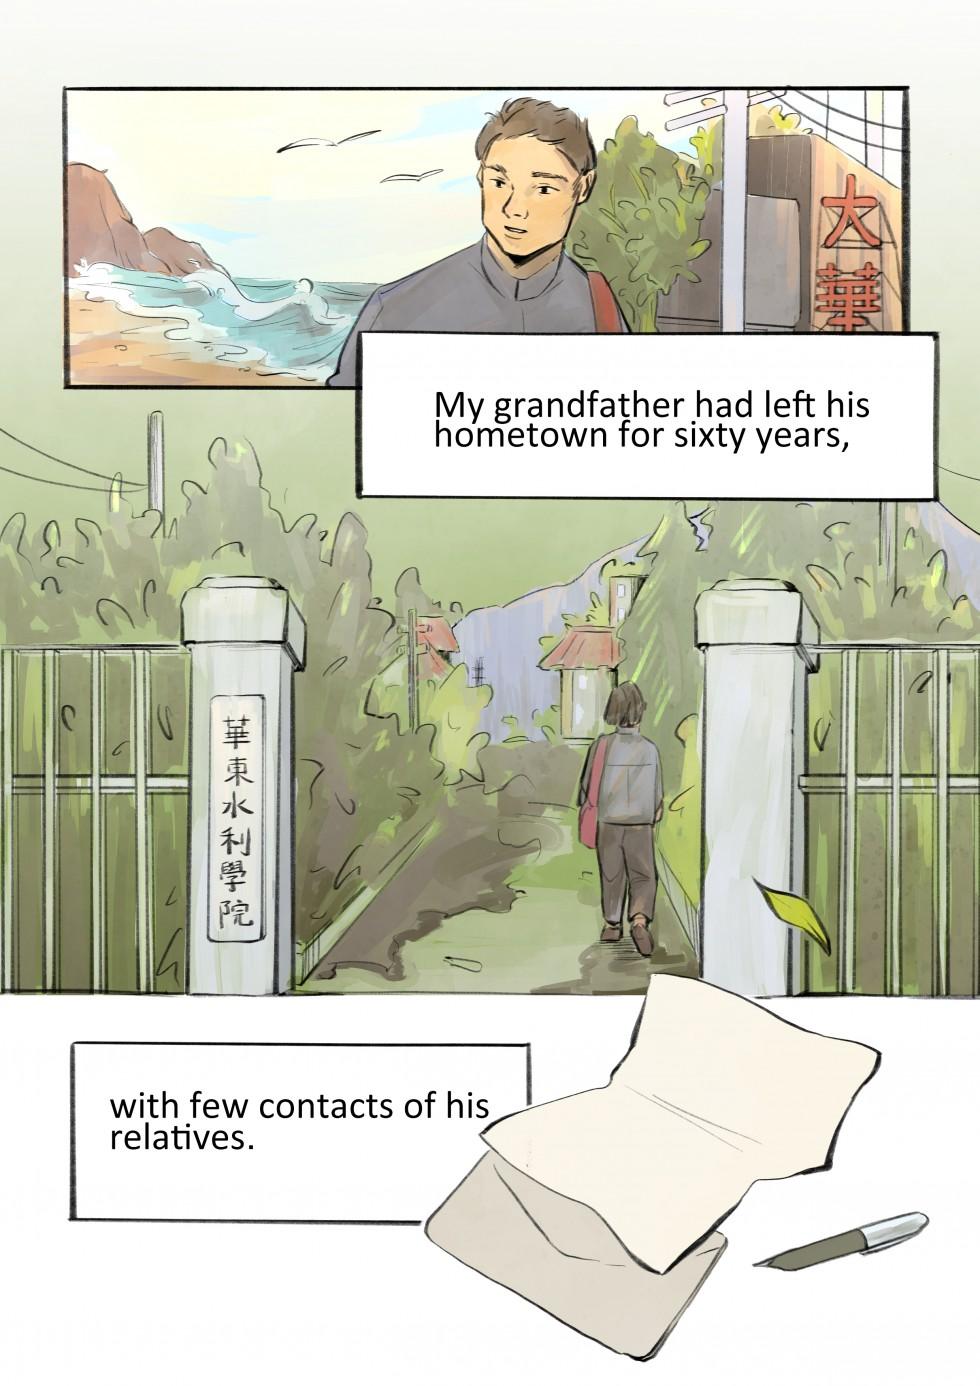 See full story: https://www.behance.net/gallery/118677669/Mango-Tree?